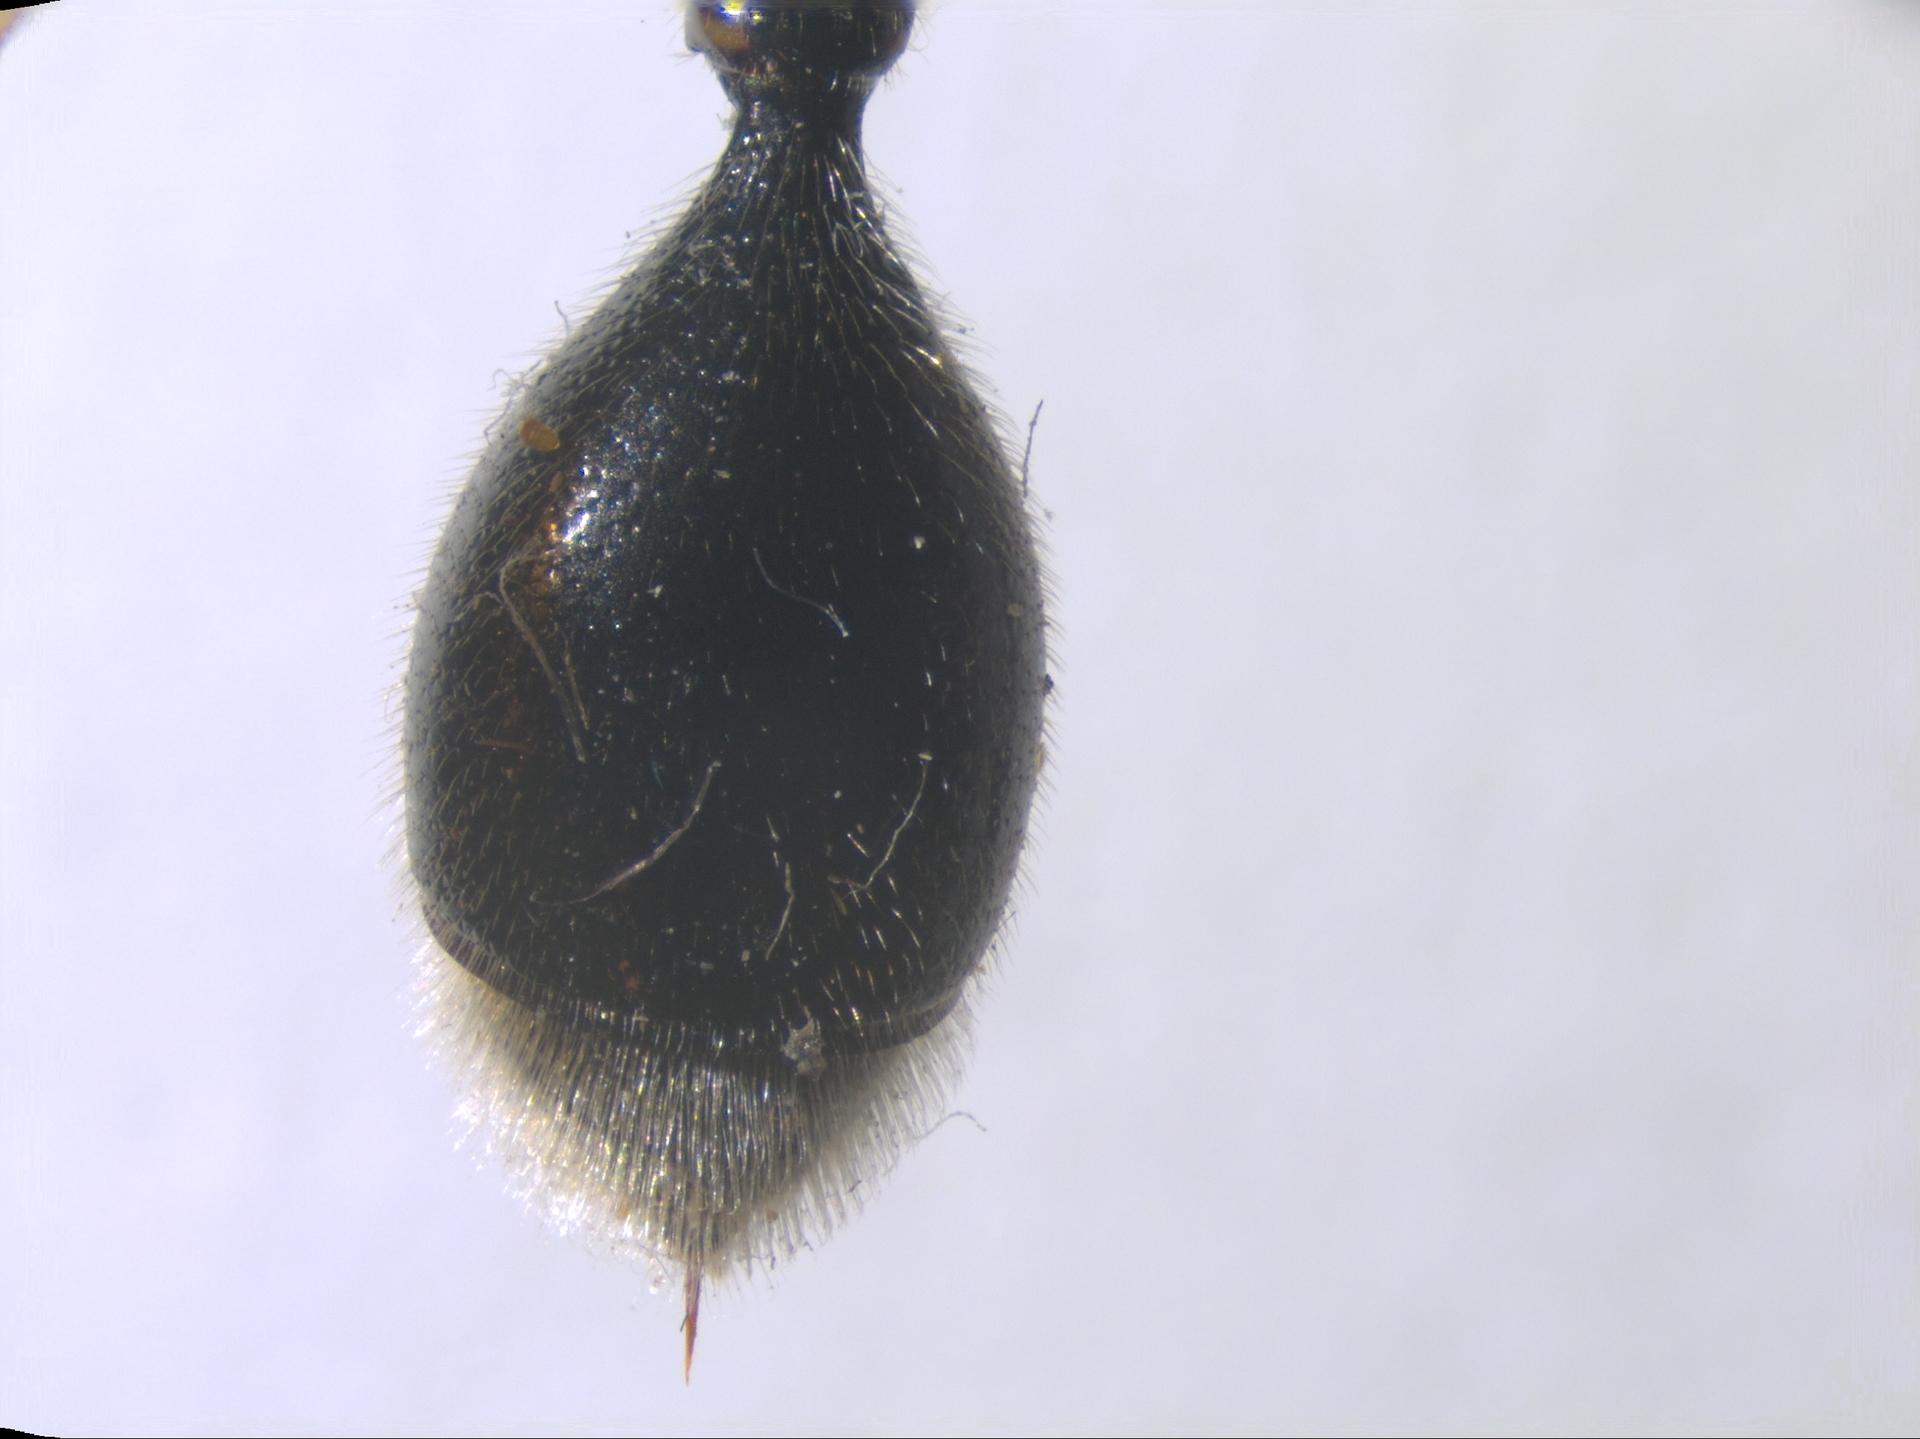 RMNH.INS.959883   Zethus albopilosus Giordani Soika, 1995